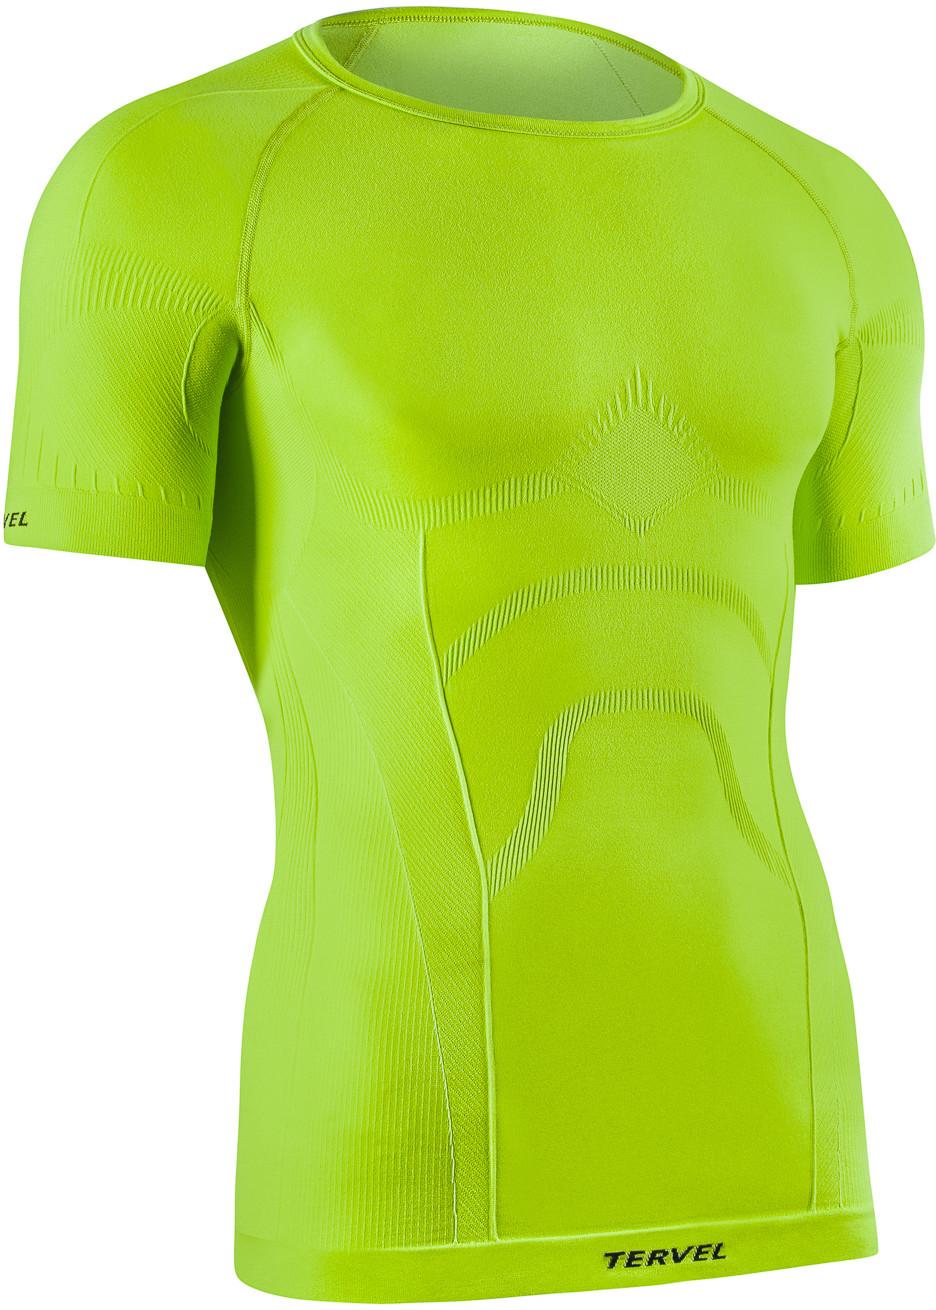 TERVEL COMFORTLINE 1102 męska koszulka termoaktywna krótki rękaw kolor Fluor